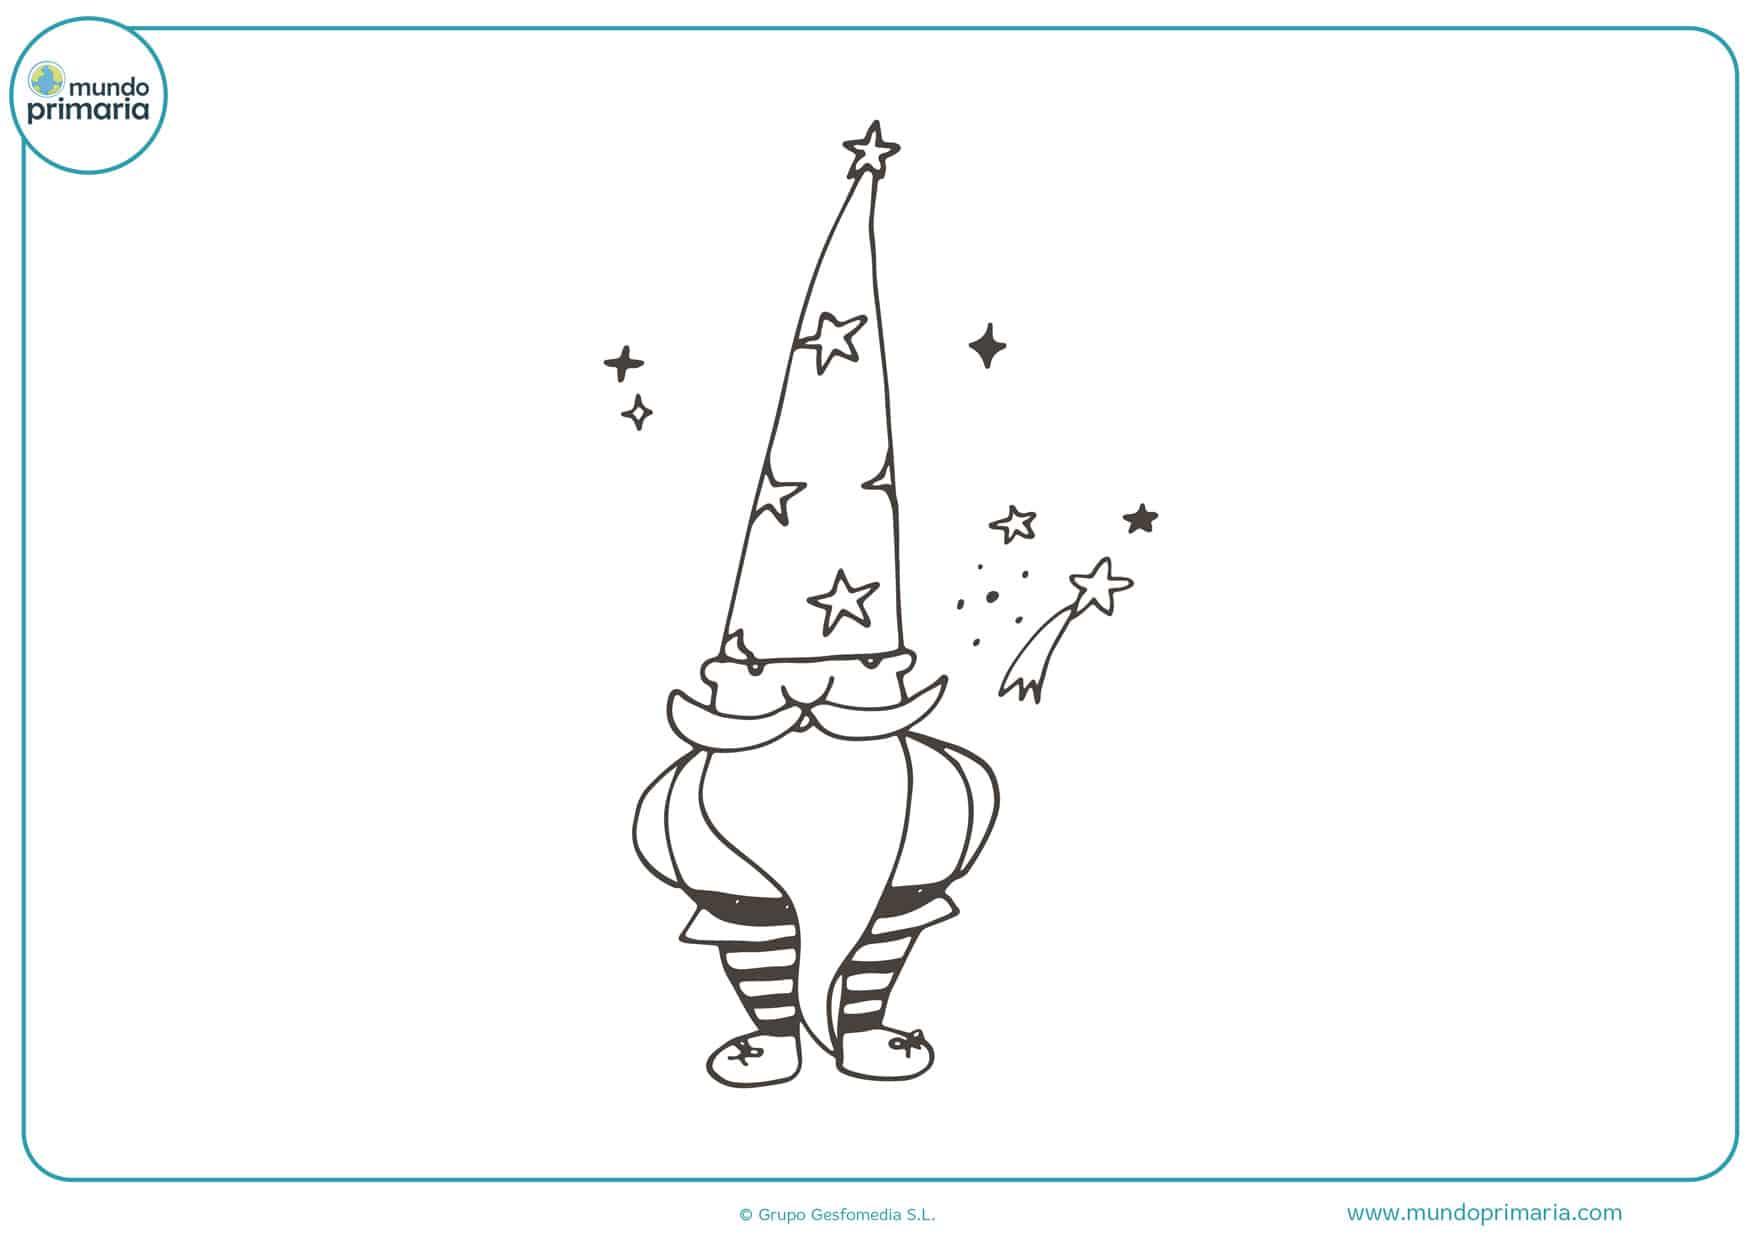 dibujos de duendes infantiles divertidos para colorear